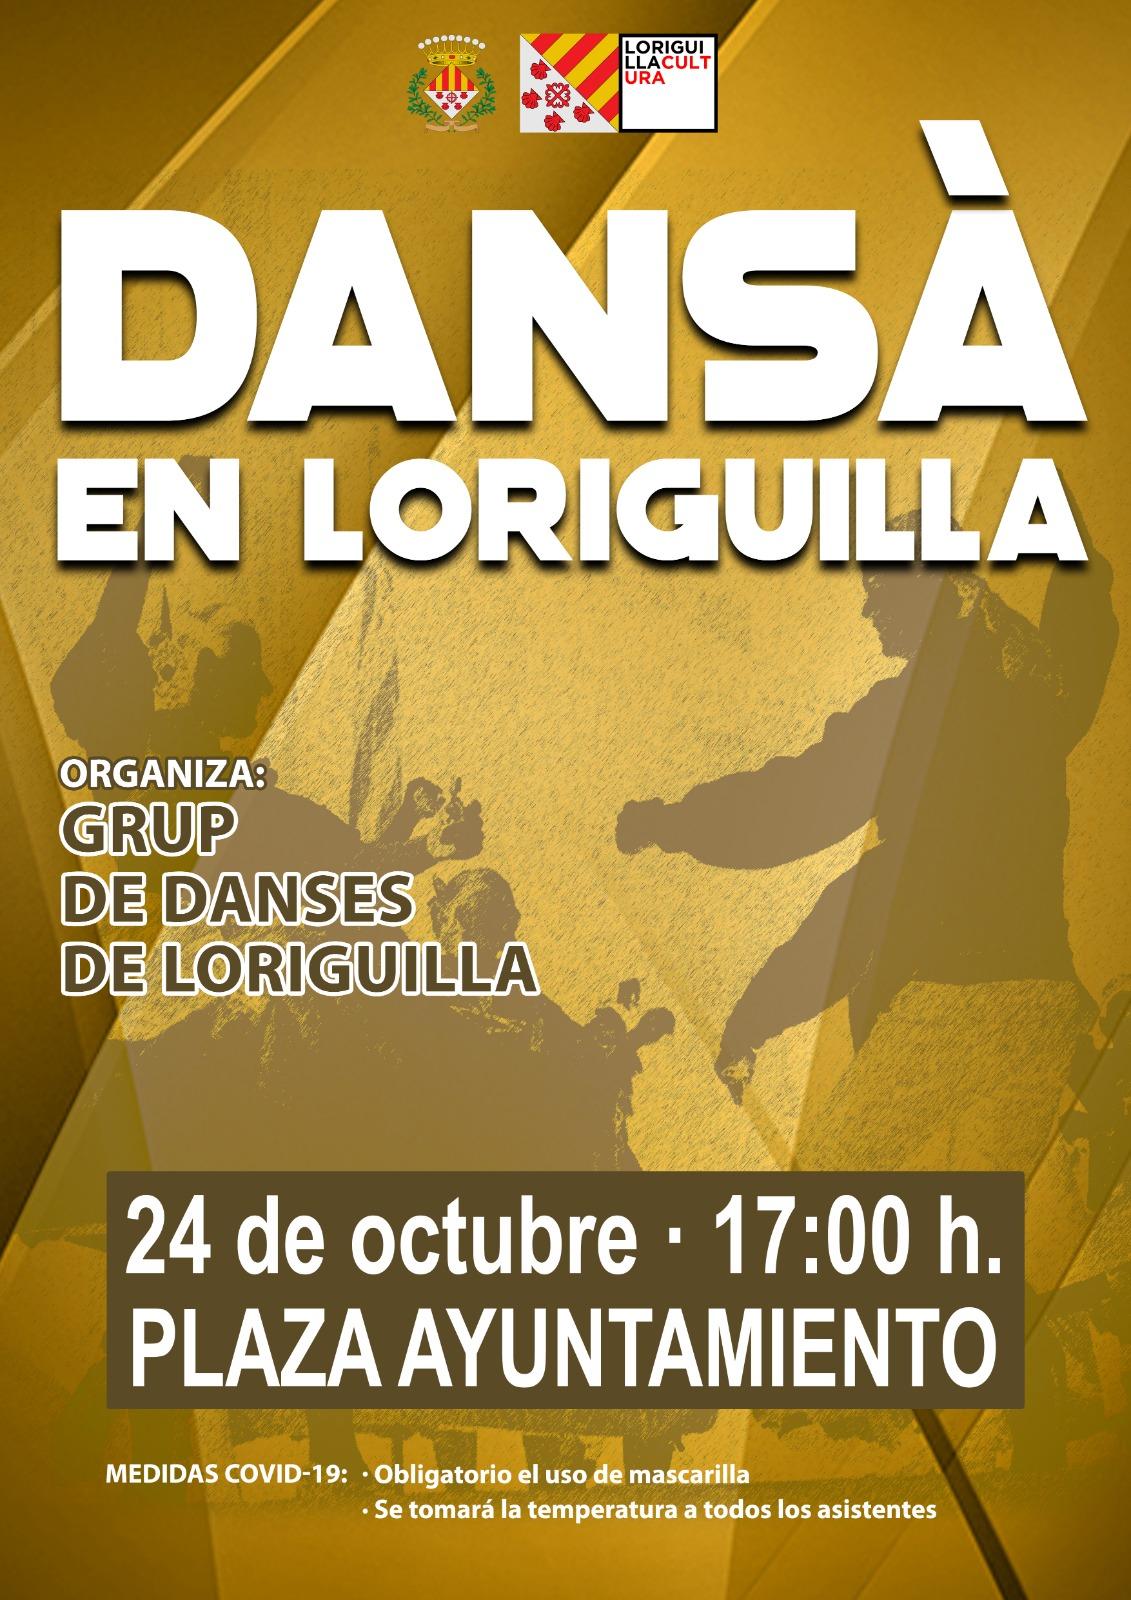 El Grup de Danses de Loriguilla actuará en la plaza del Ayuntamiento el 24 de octubre